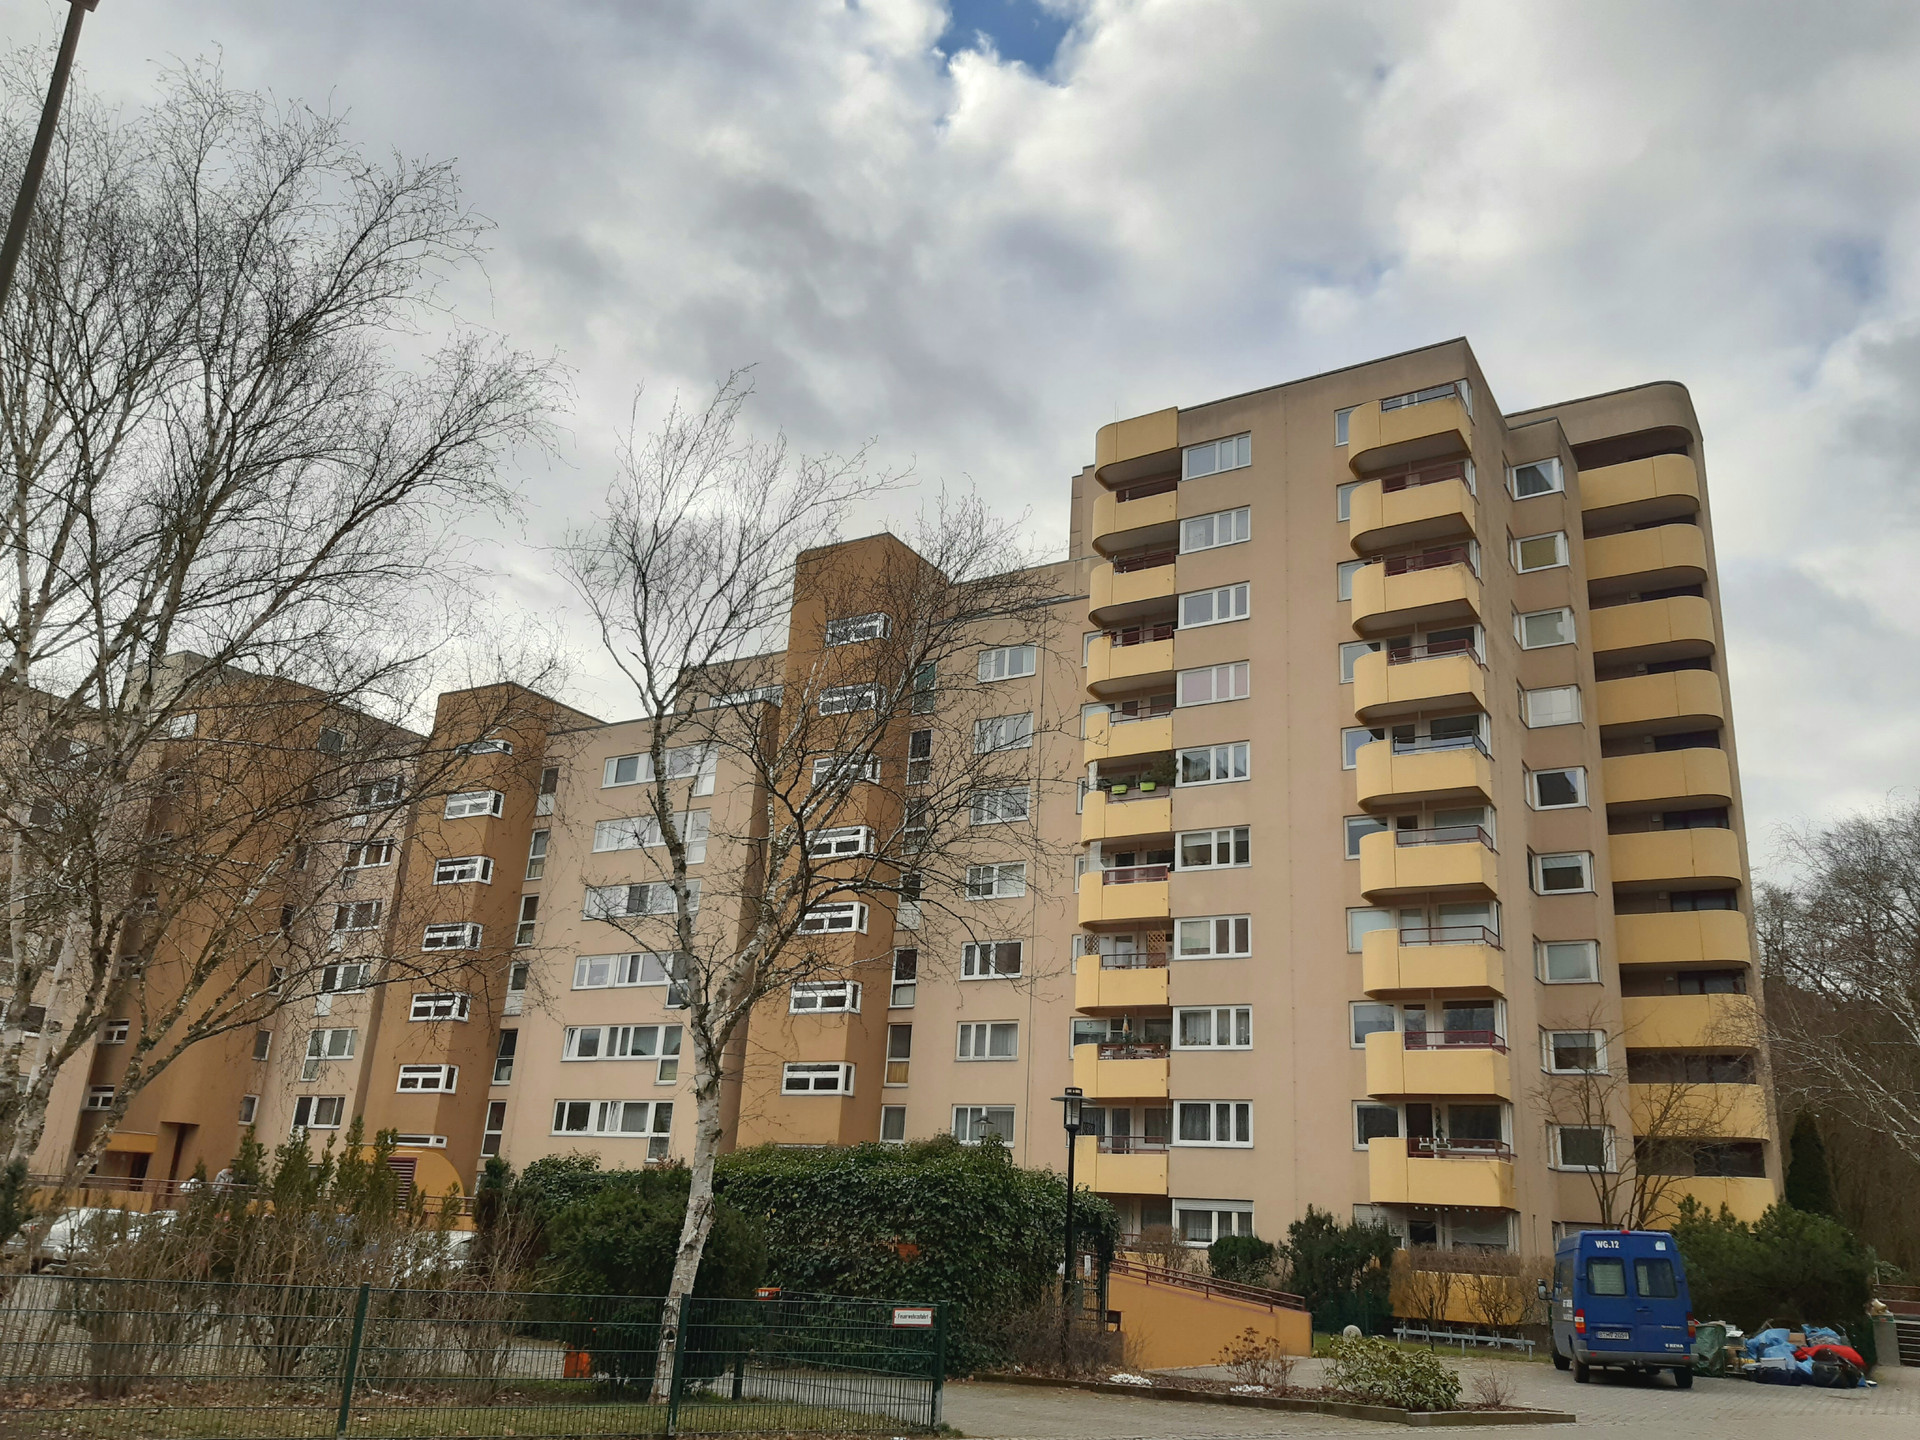 Immobilie zu kaufen Berlin(1).jpg